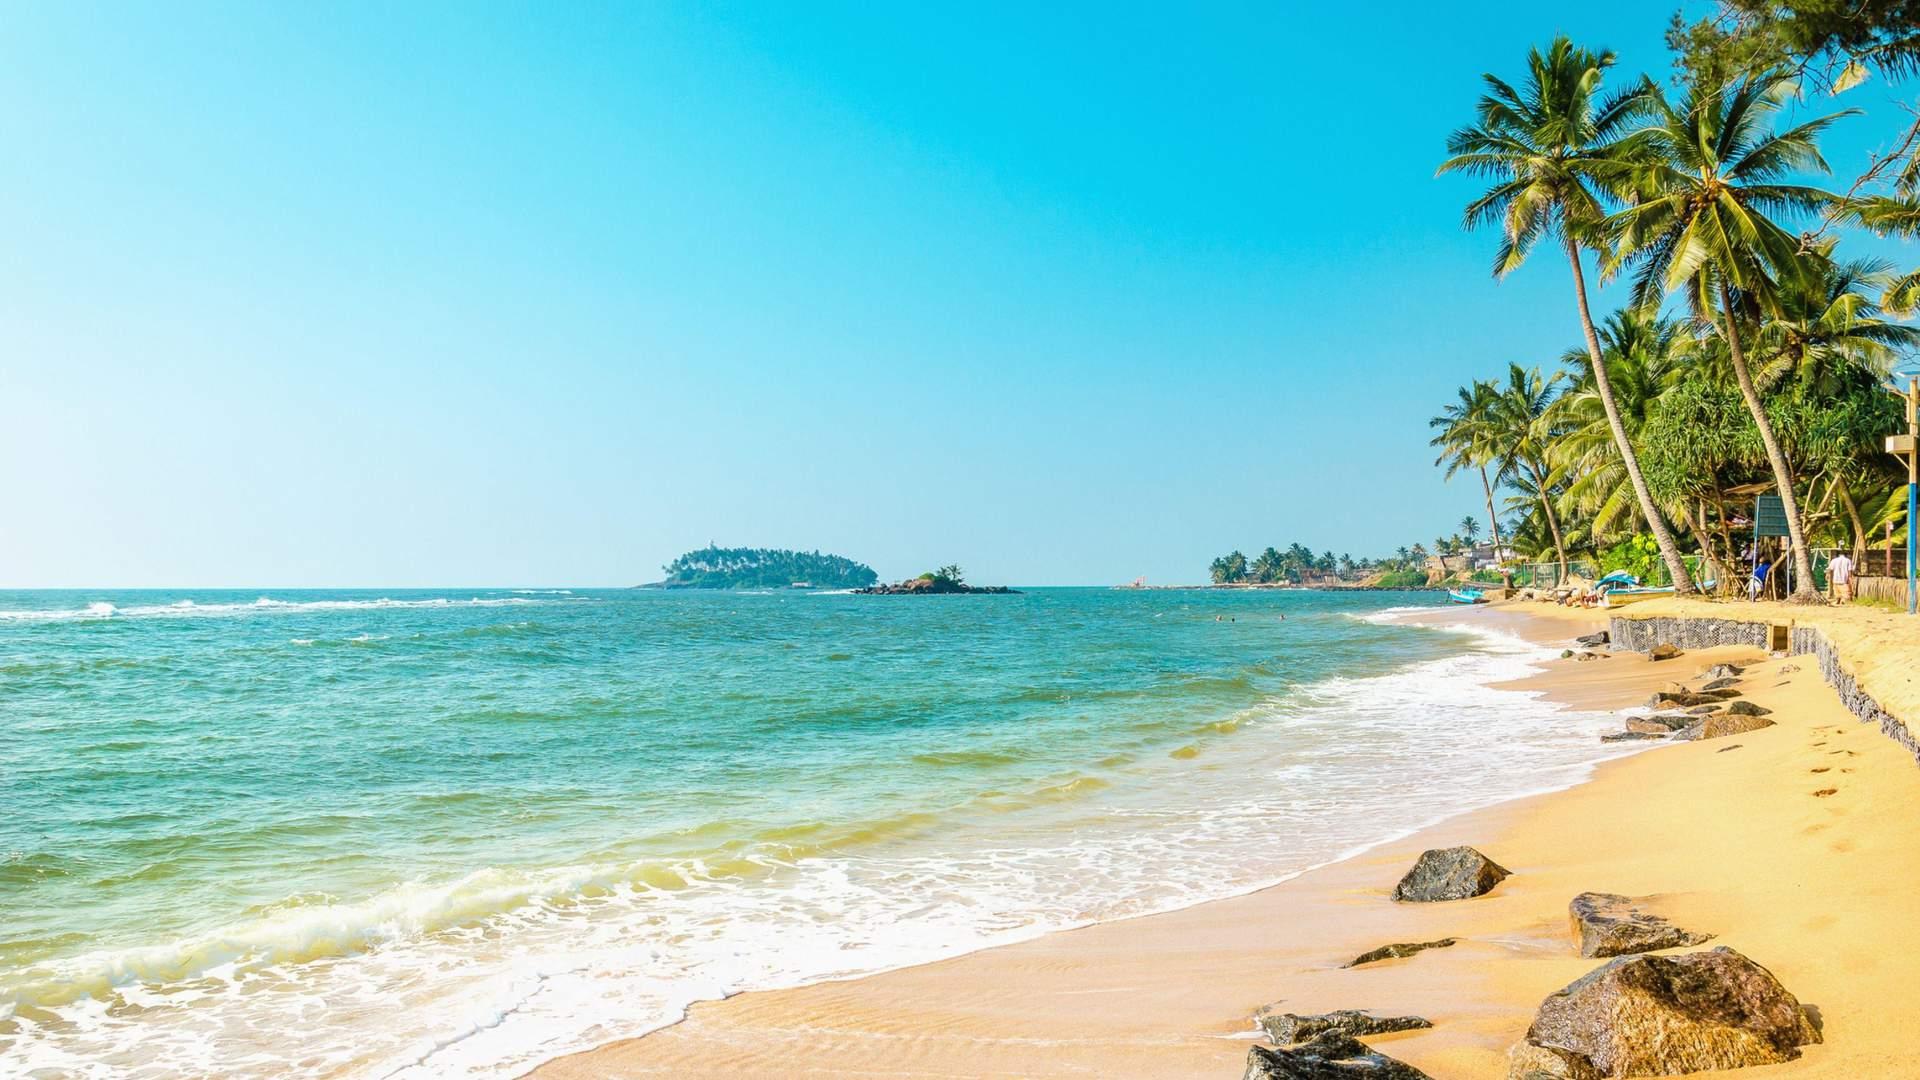 Jamaika - rojus žemėje!